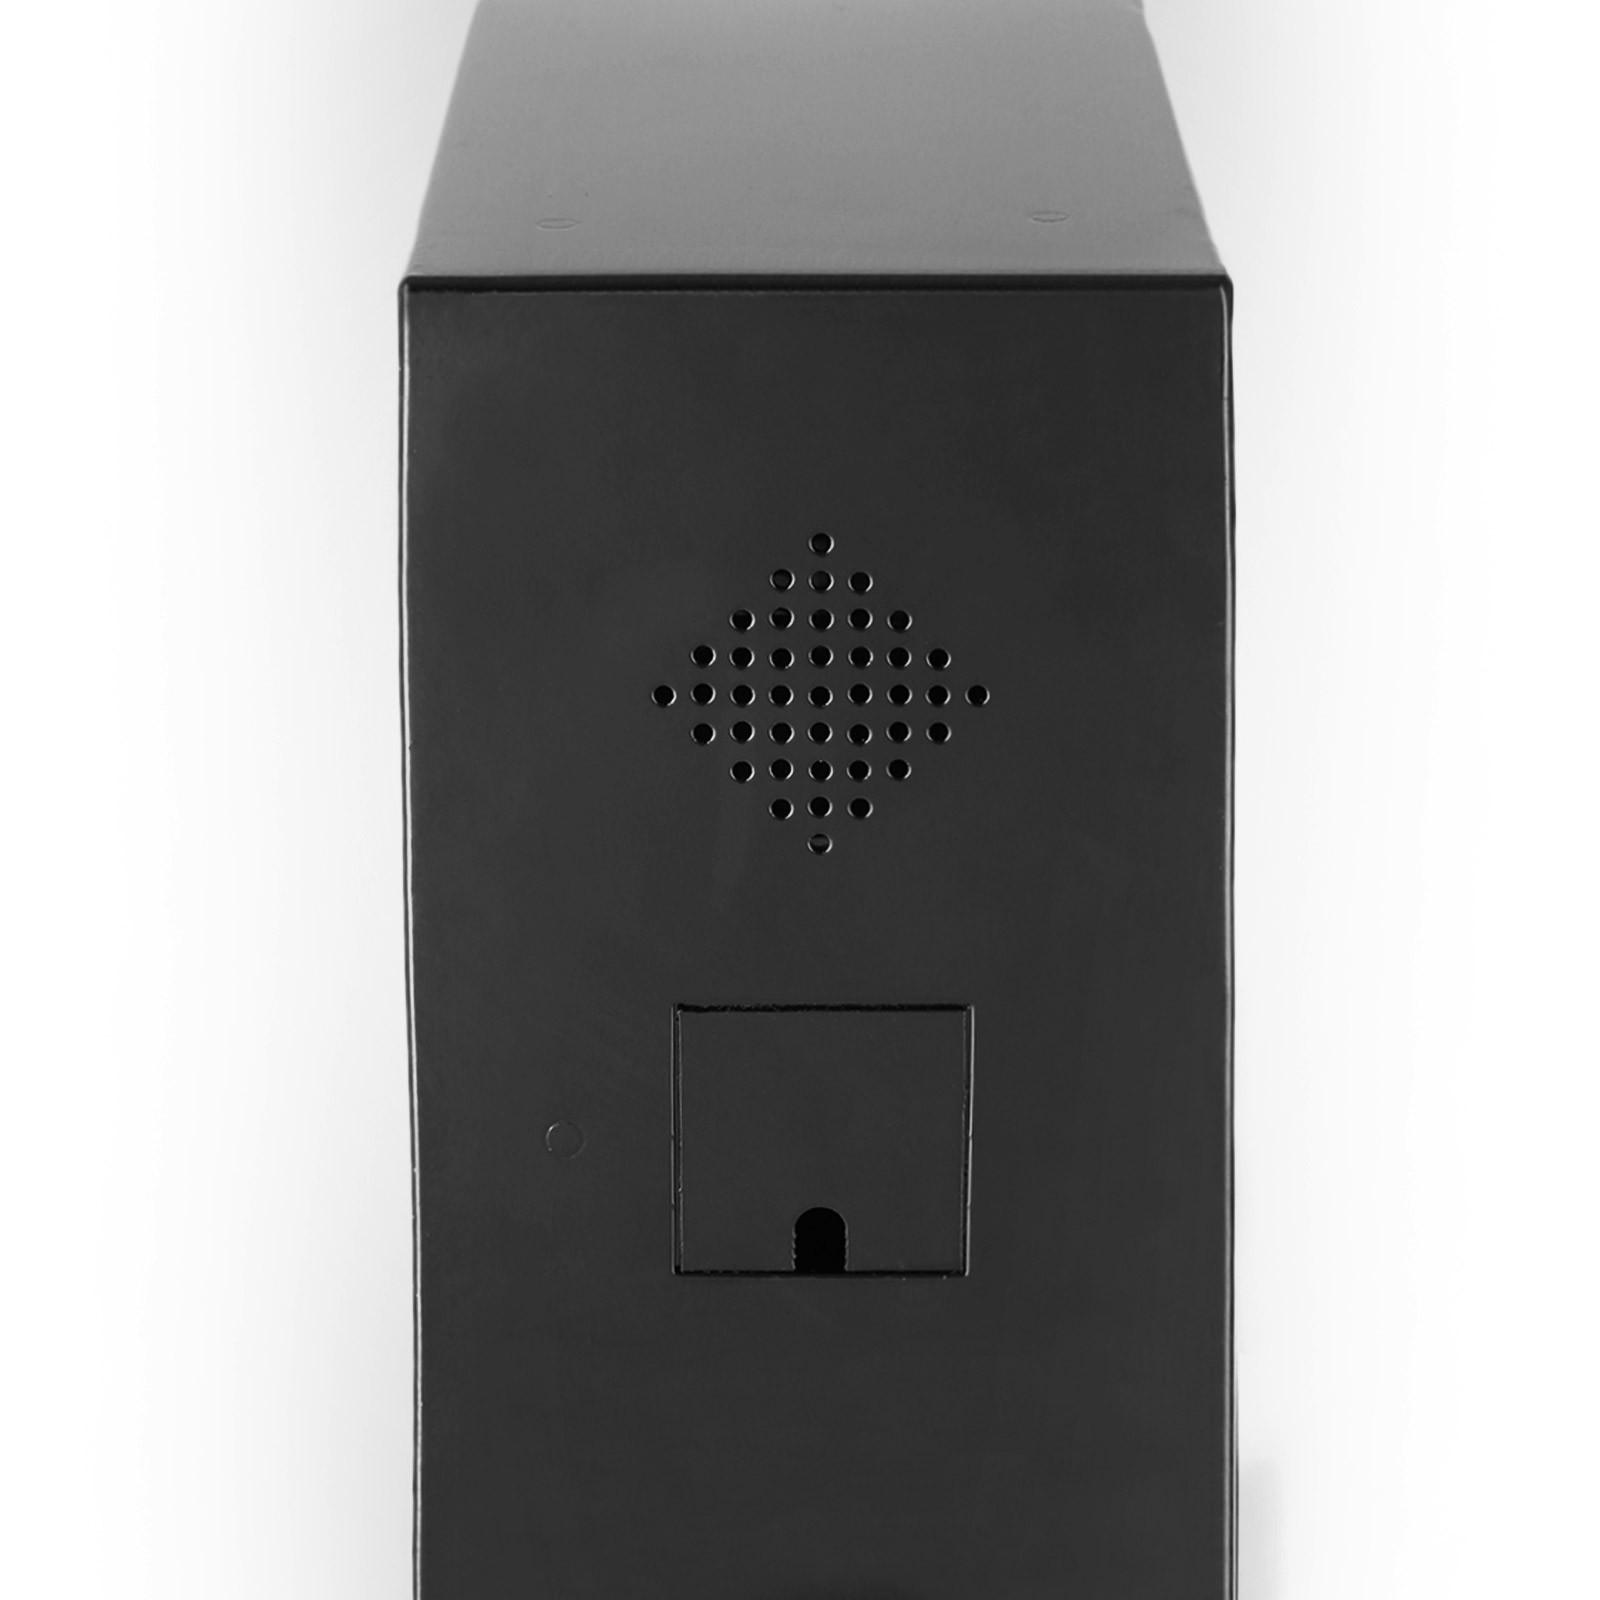 Monnaie-Distributeur-Munzkassierer-Zeiteinstellung-Munzprufer-Munzautomat miniature 7